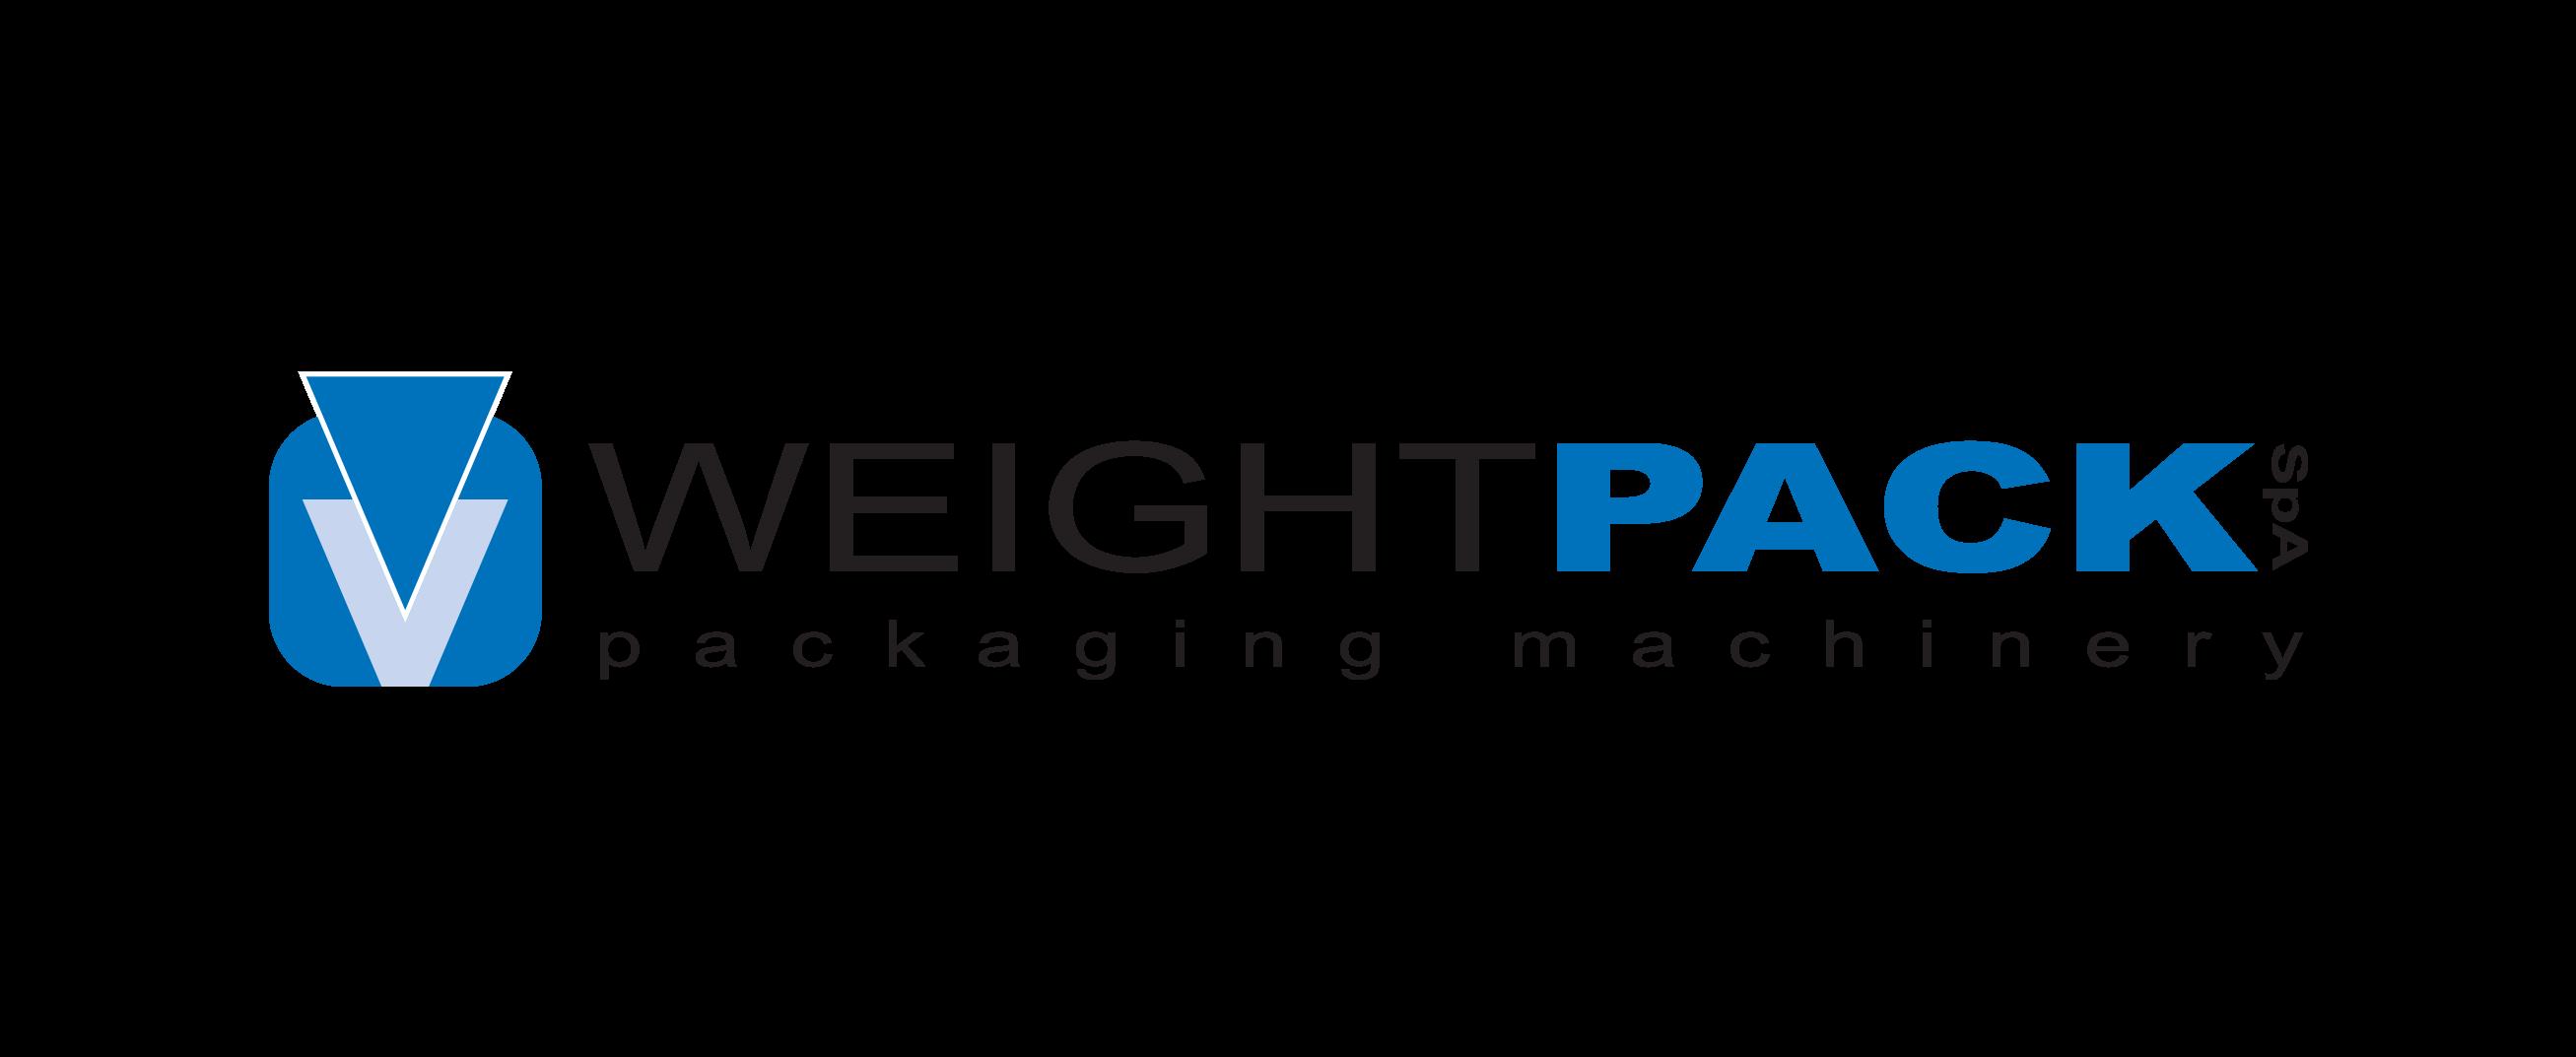 Weightpack